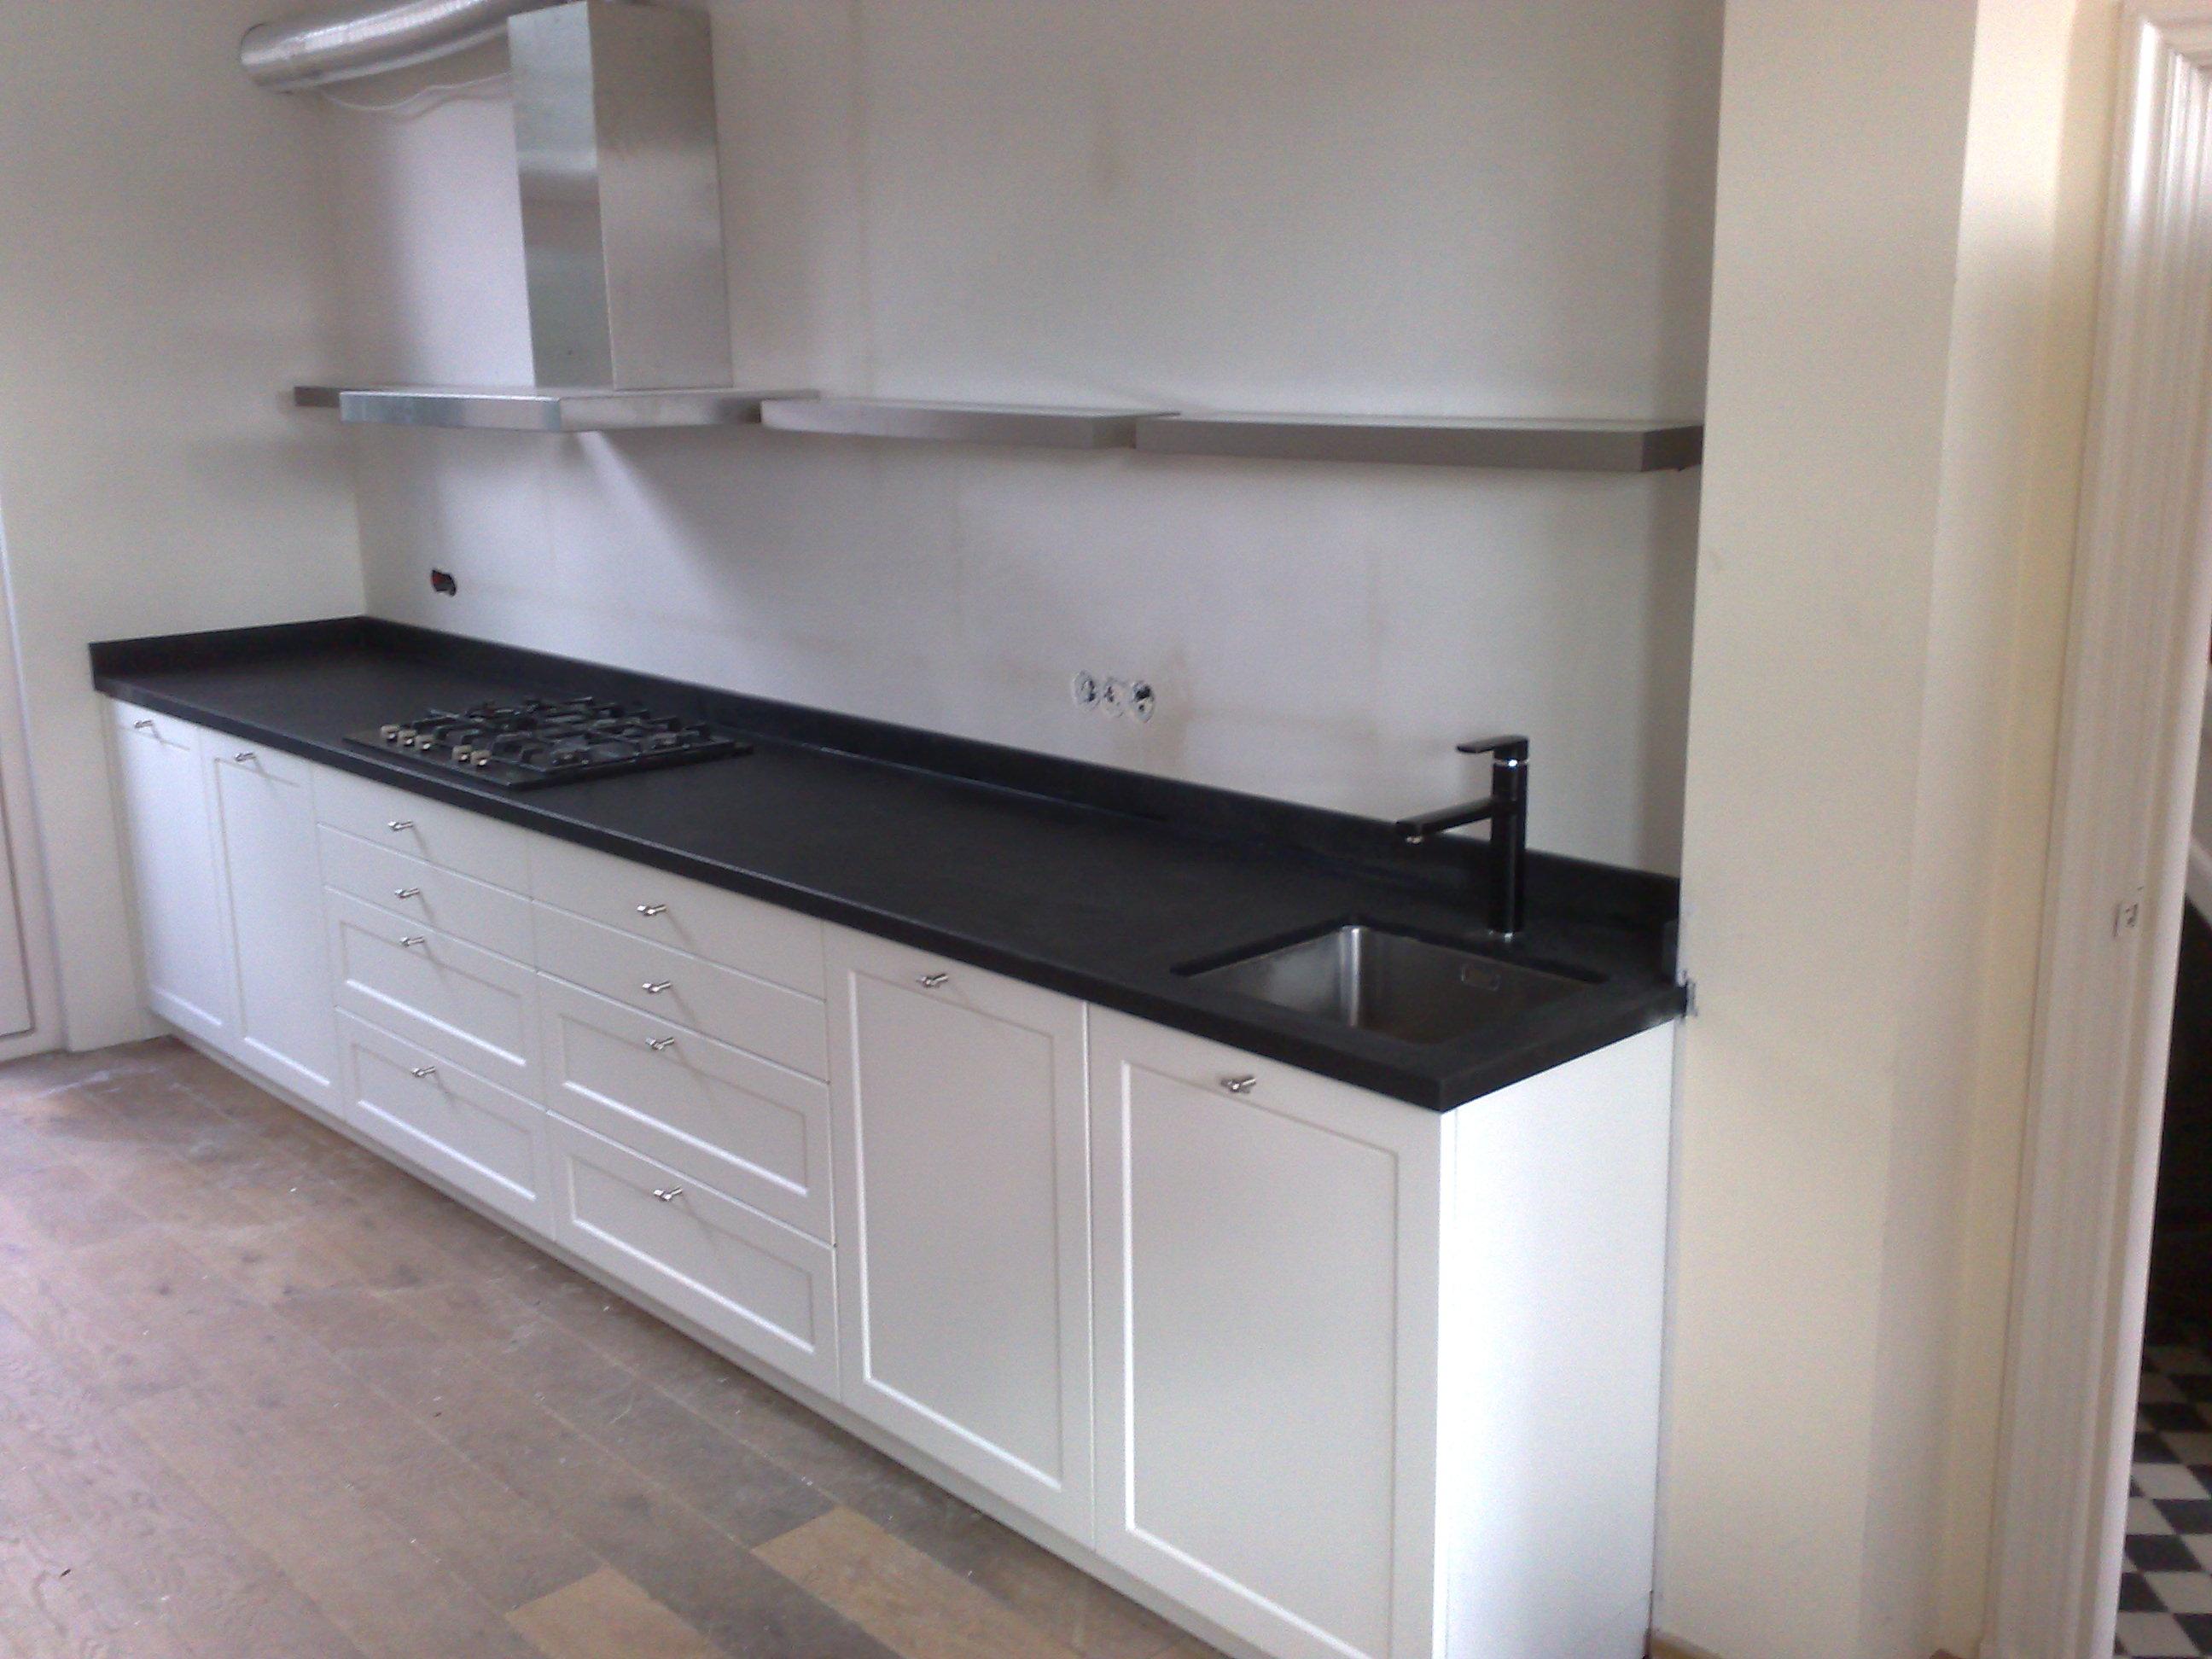 Aannemer Keuken Verbouwen : Plaatsen en vernieuwen van keukens aannemer jeff groot